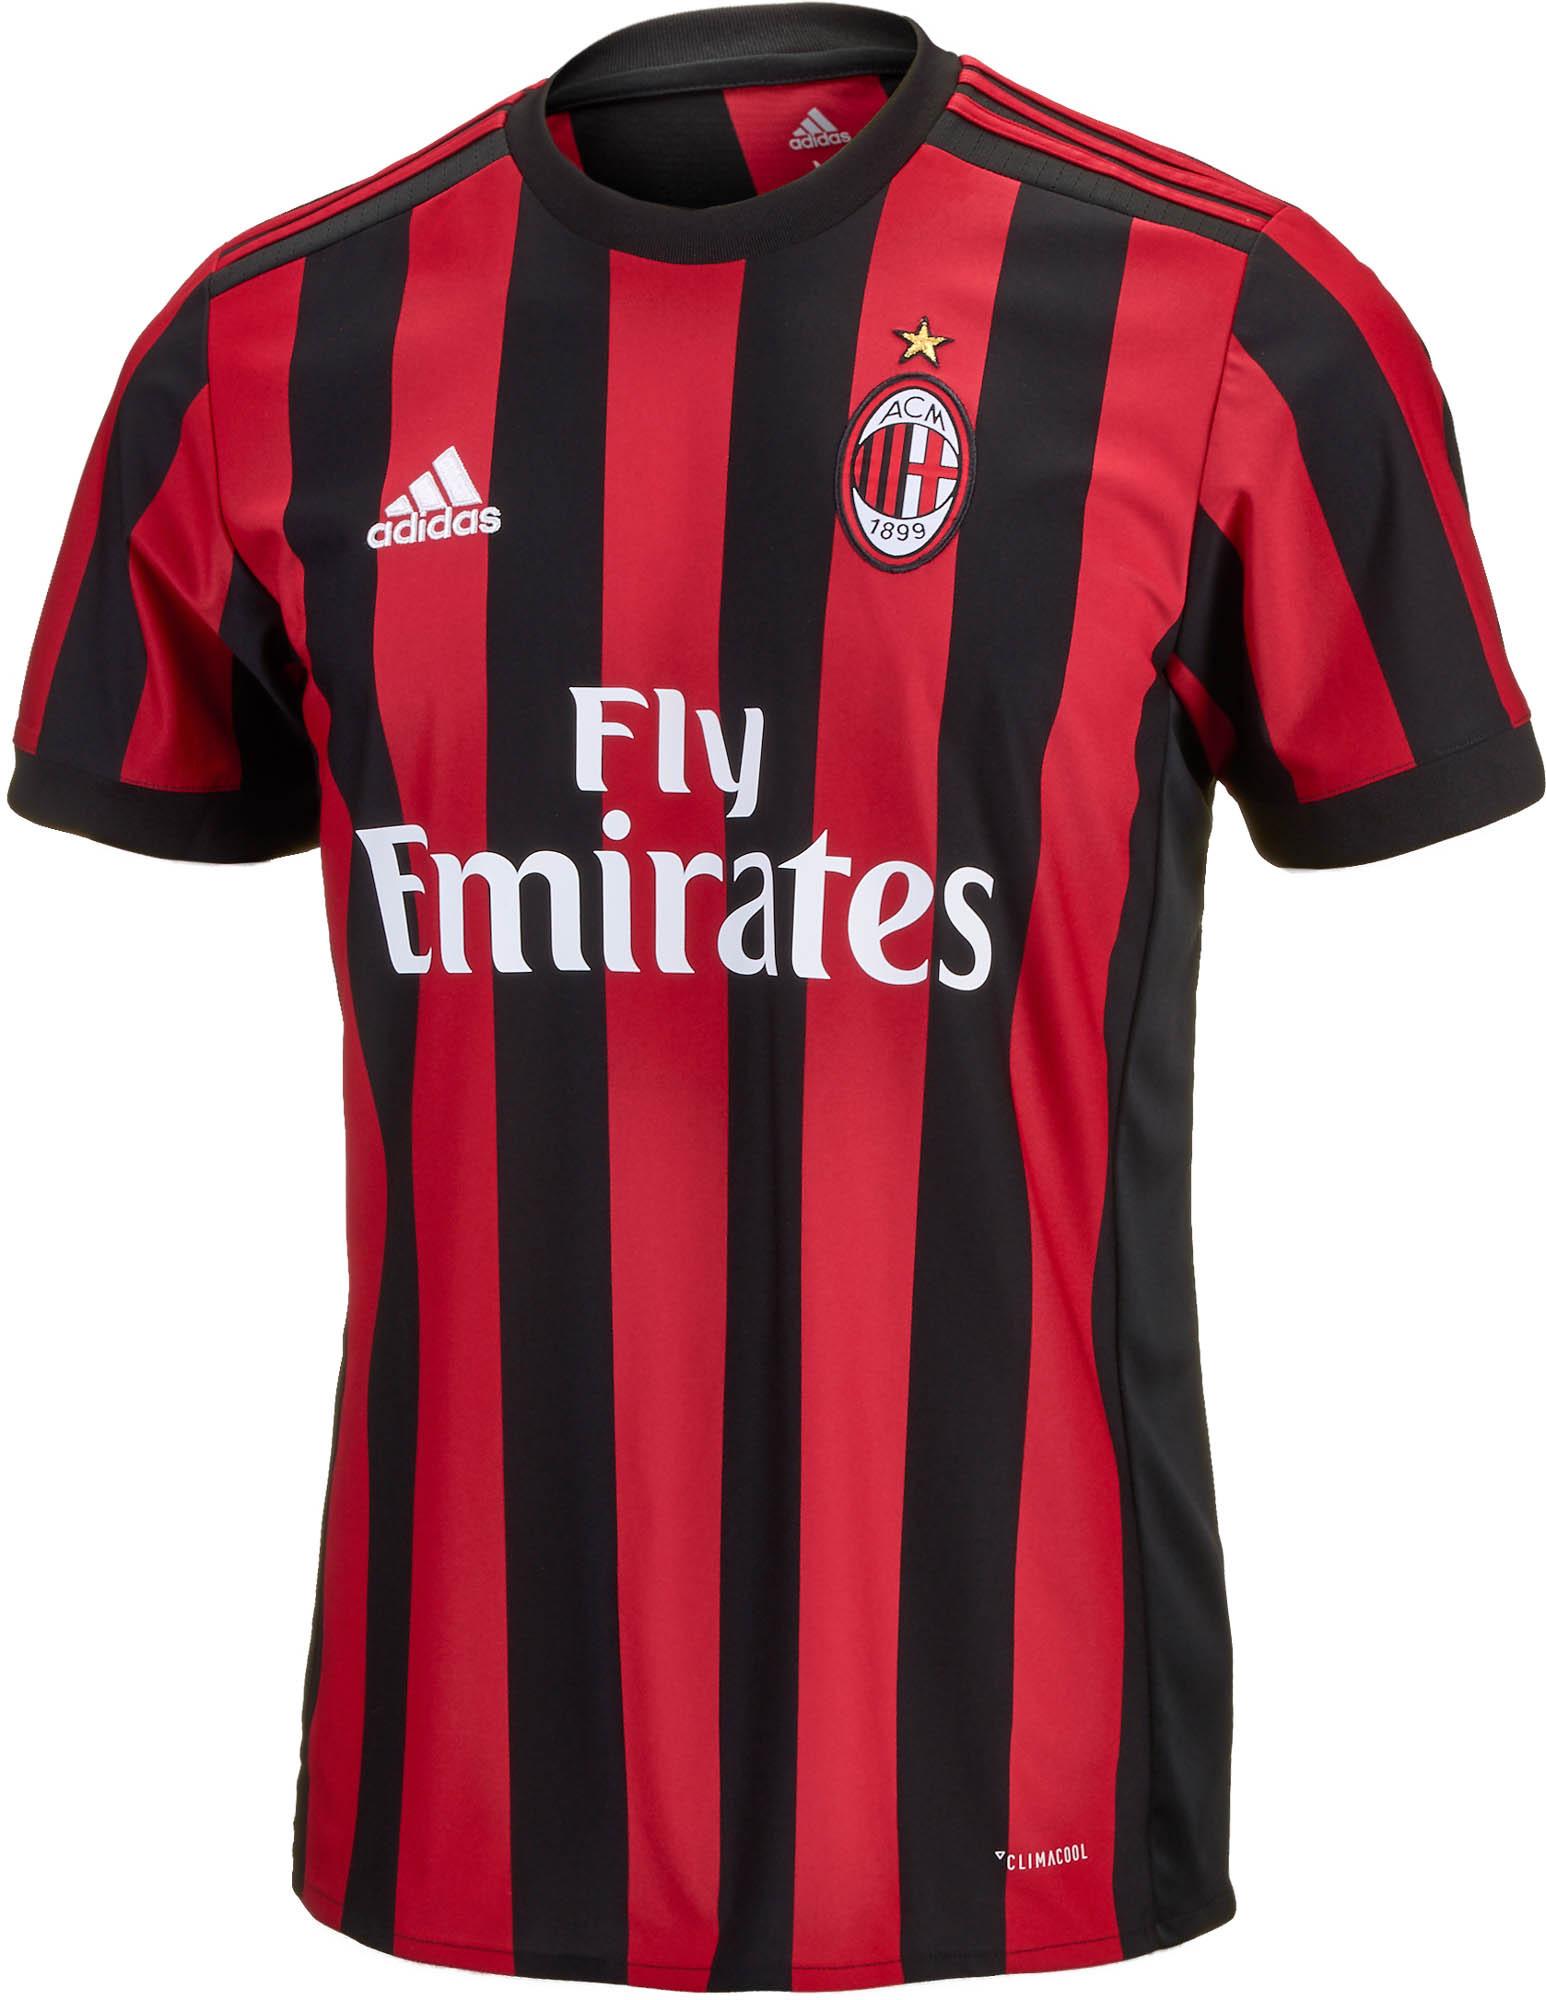 2017/18 AC Milan Home Jersey - AC Milan Soccer Jerseys